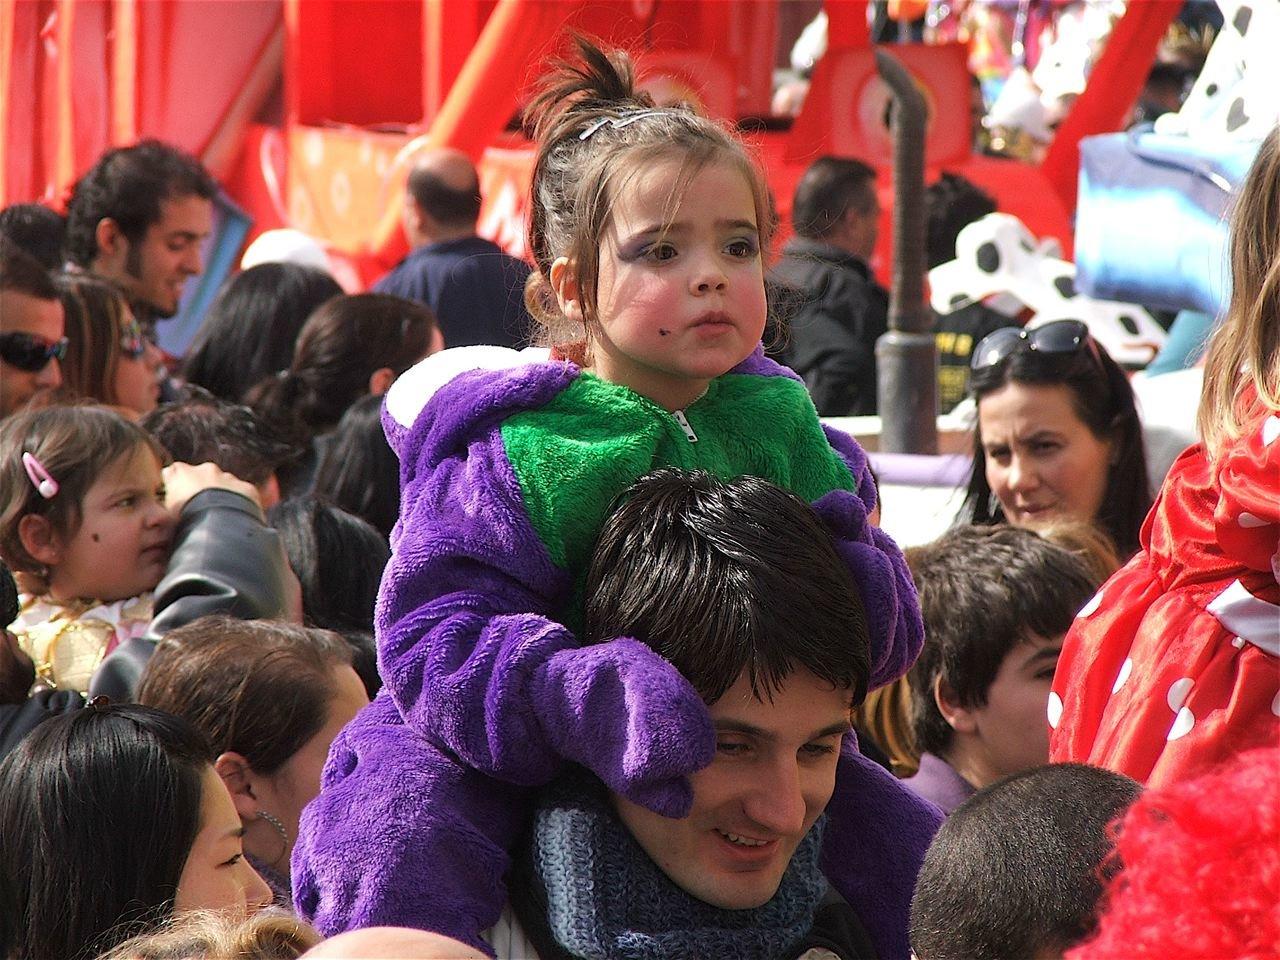 Beim Karnevalsumzug sind Kinder am besten weit oben aufgehoben © FlickR/Peter Grima